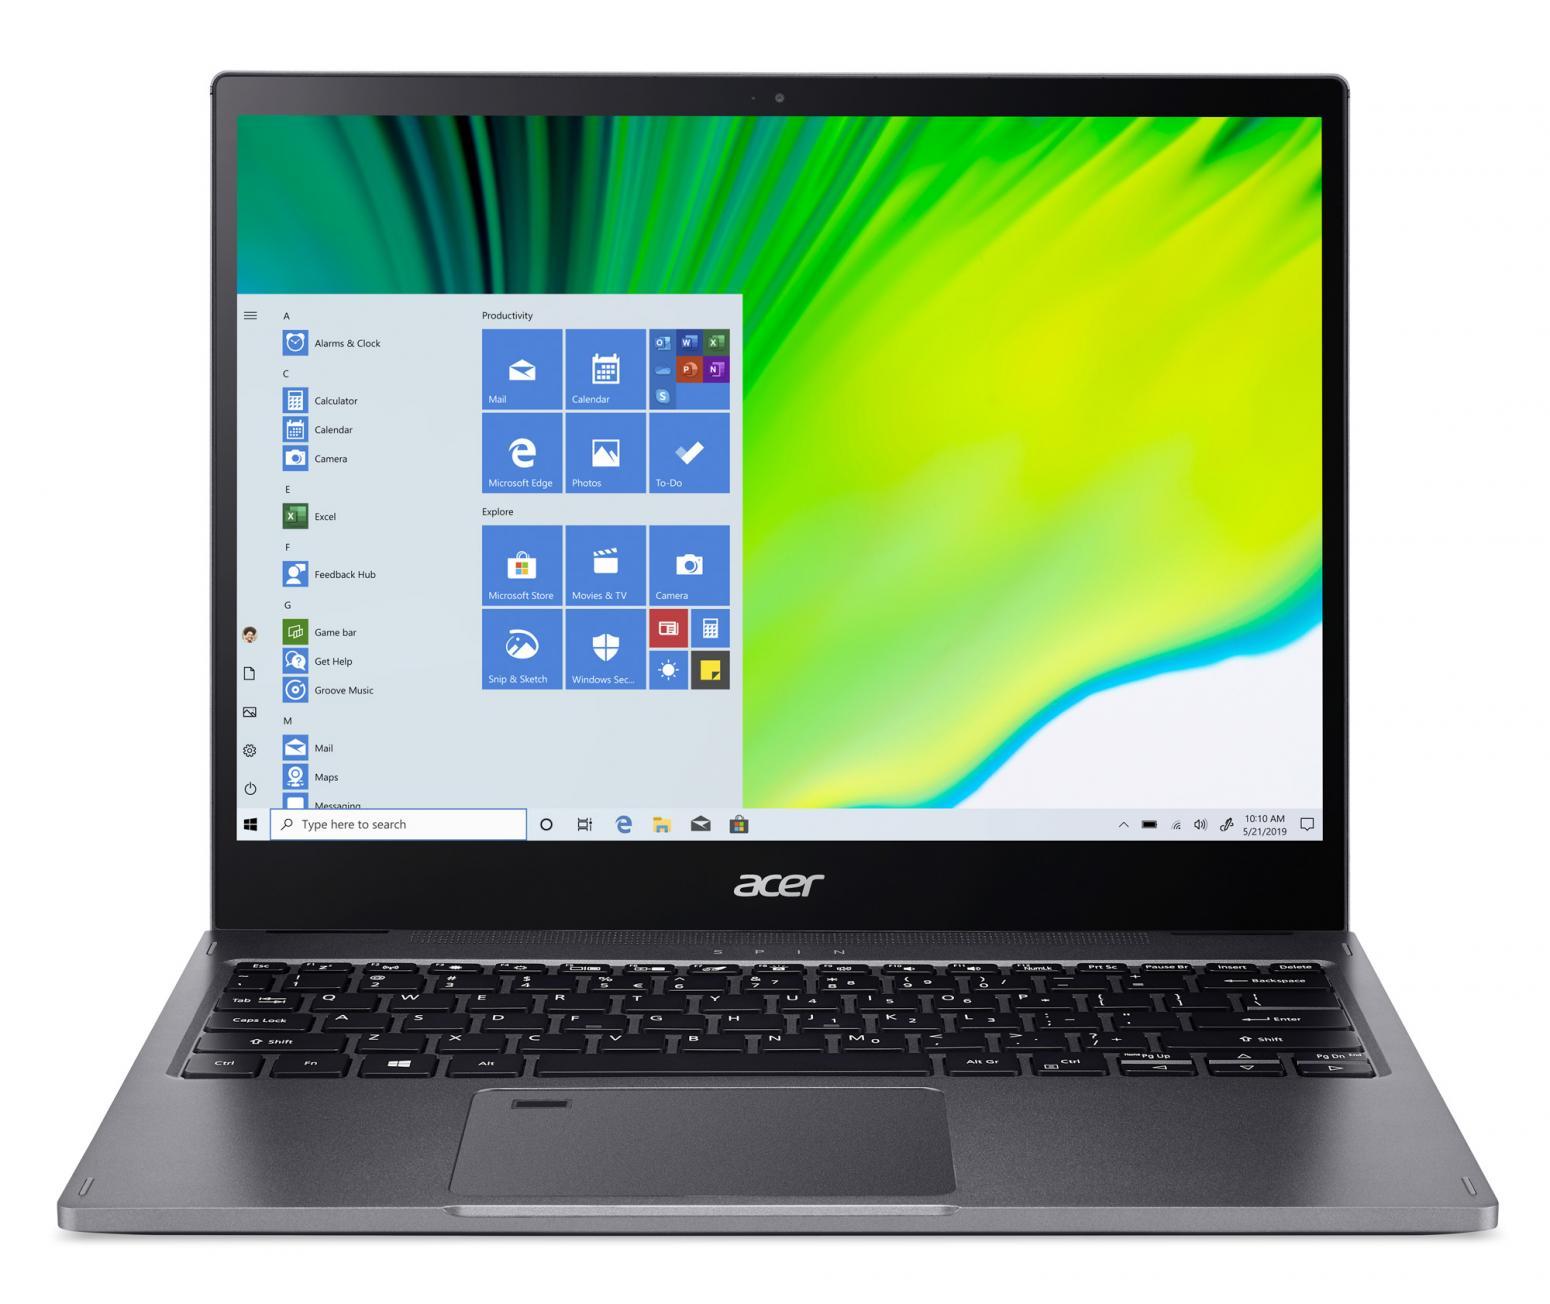 Ordinateur portable Acer Spin 5 SP513-54N-58VU Gris - QHD Tactile, Stylet - photo 4